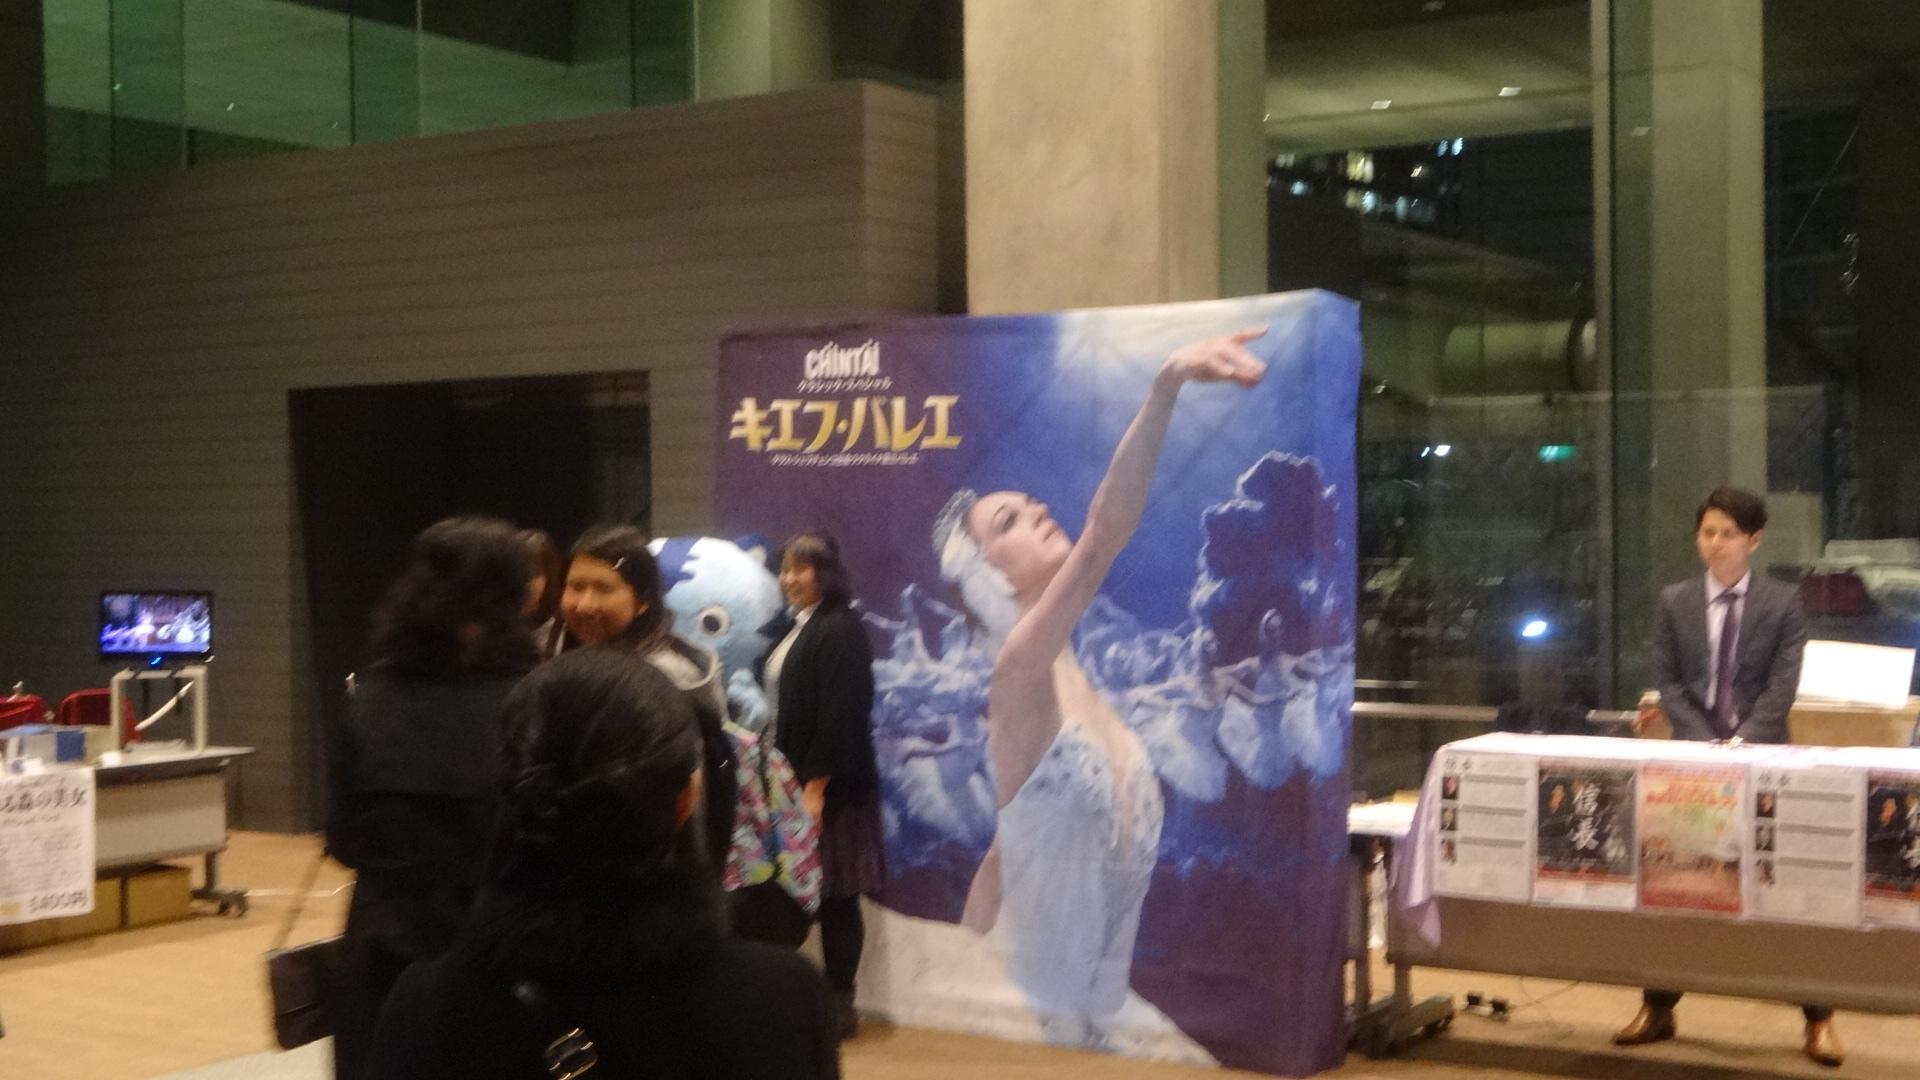 会場にあったキエフ・バレエの看板